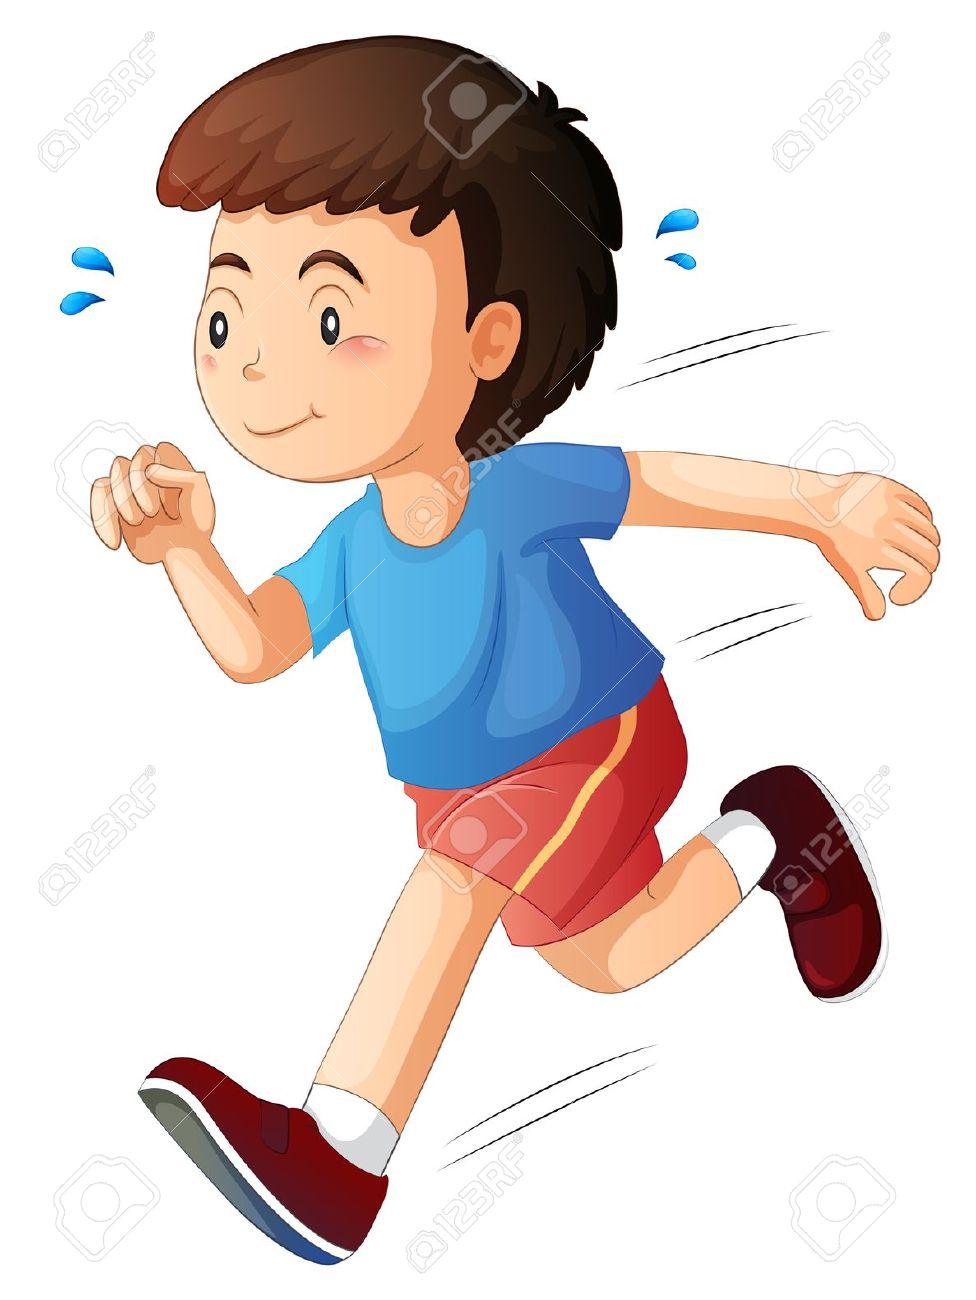 medium resolution of boy running clipart